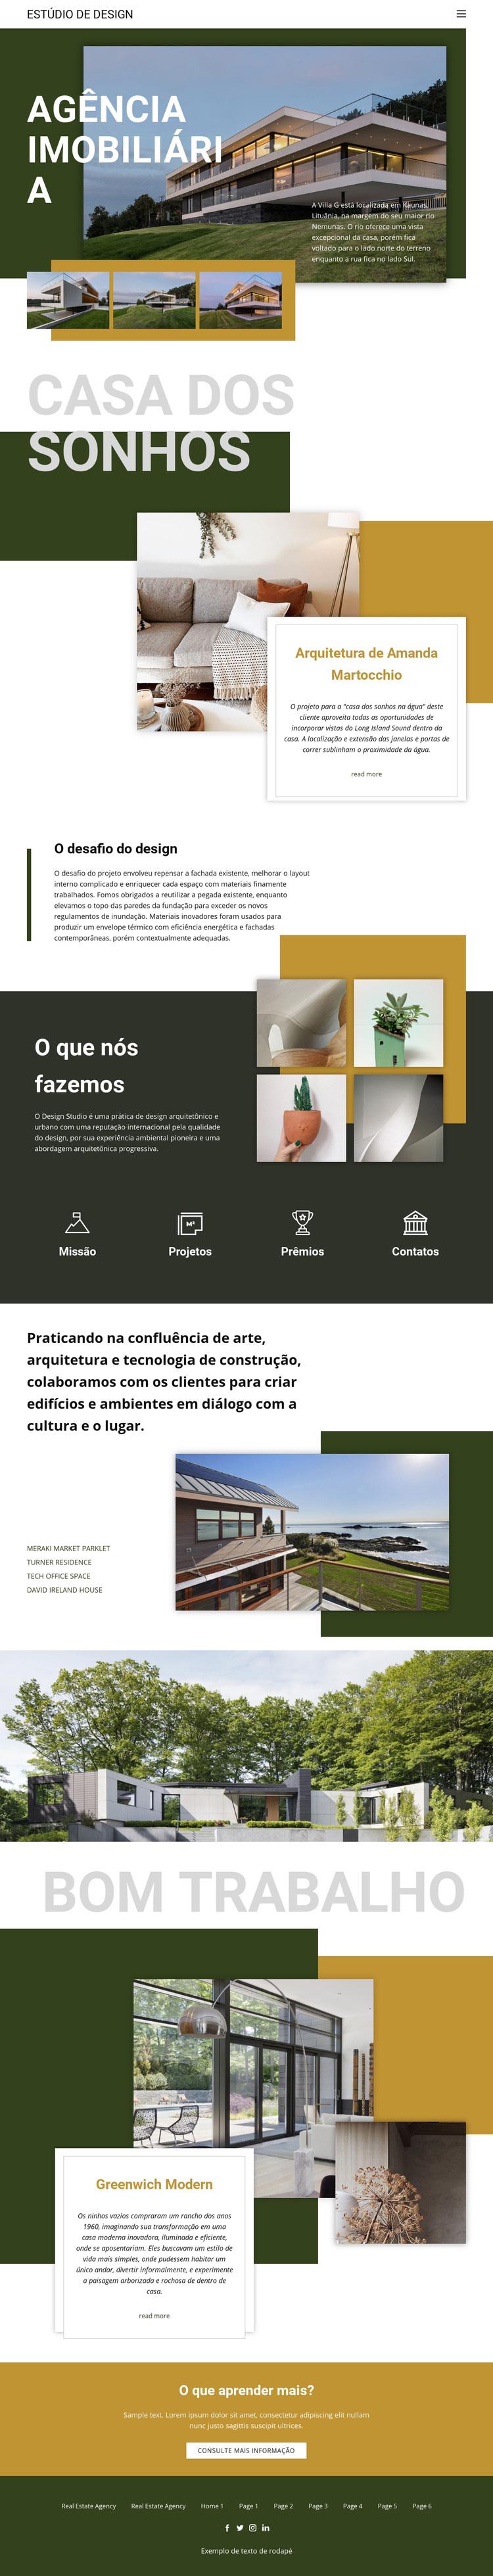 Agência imobiliária de sonho Tema WordPress